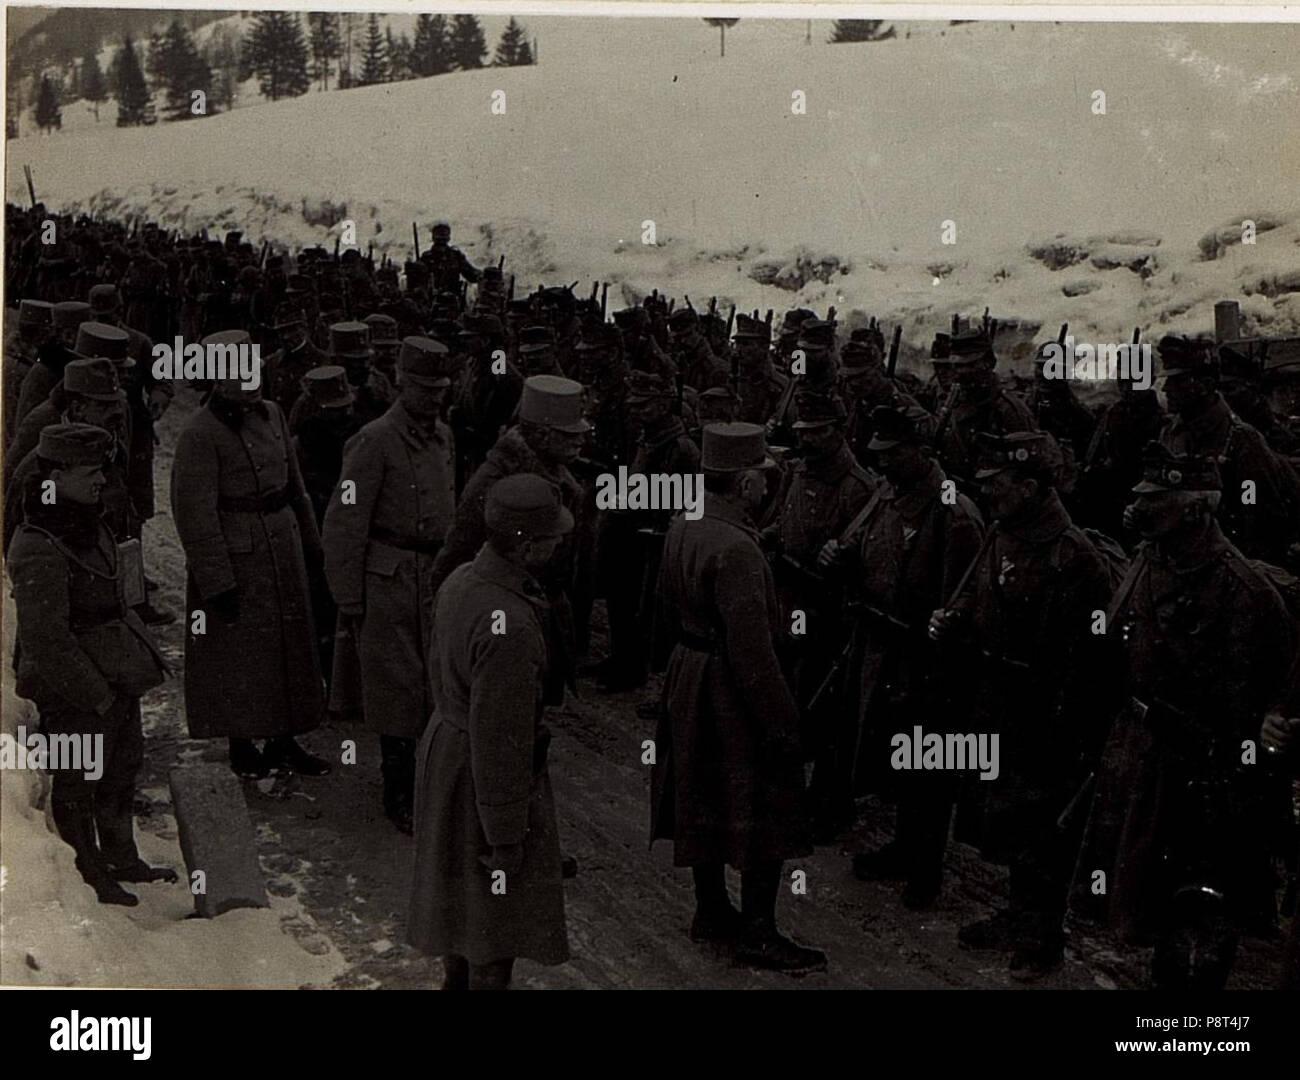 .   38 Ansprache an Mannschaften der Brigade Covin. (BildID 15584200) - Stock Image